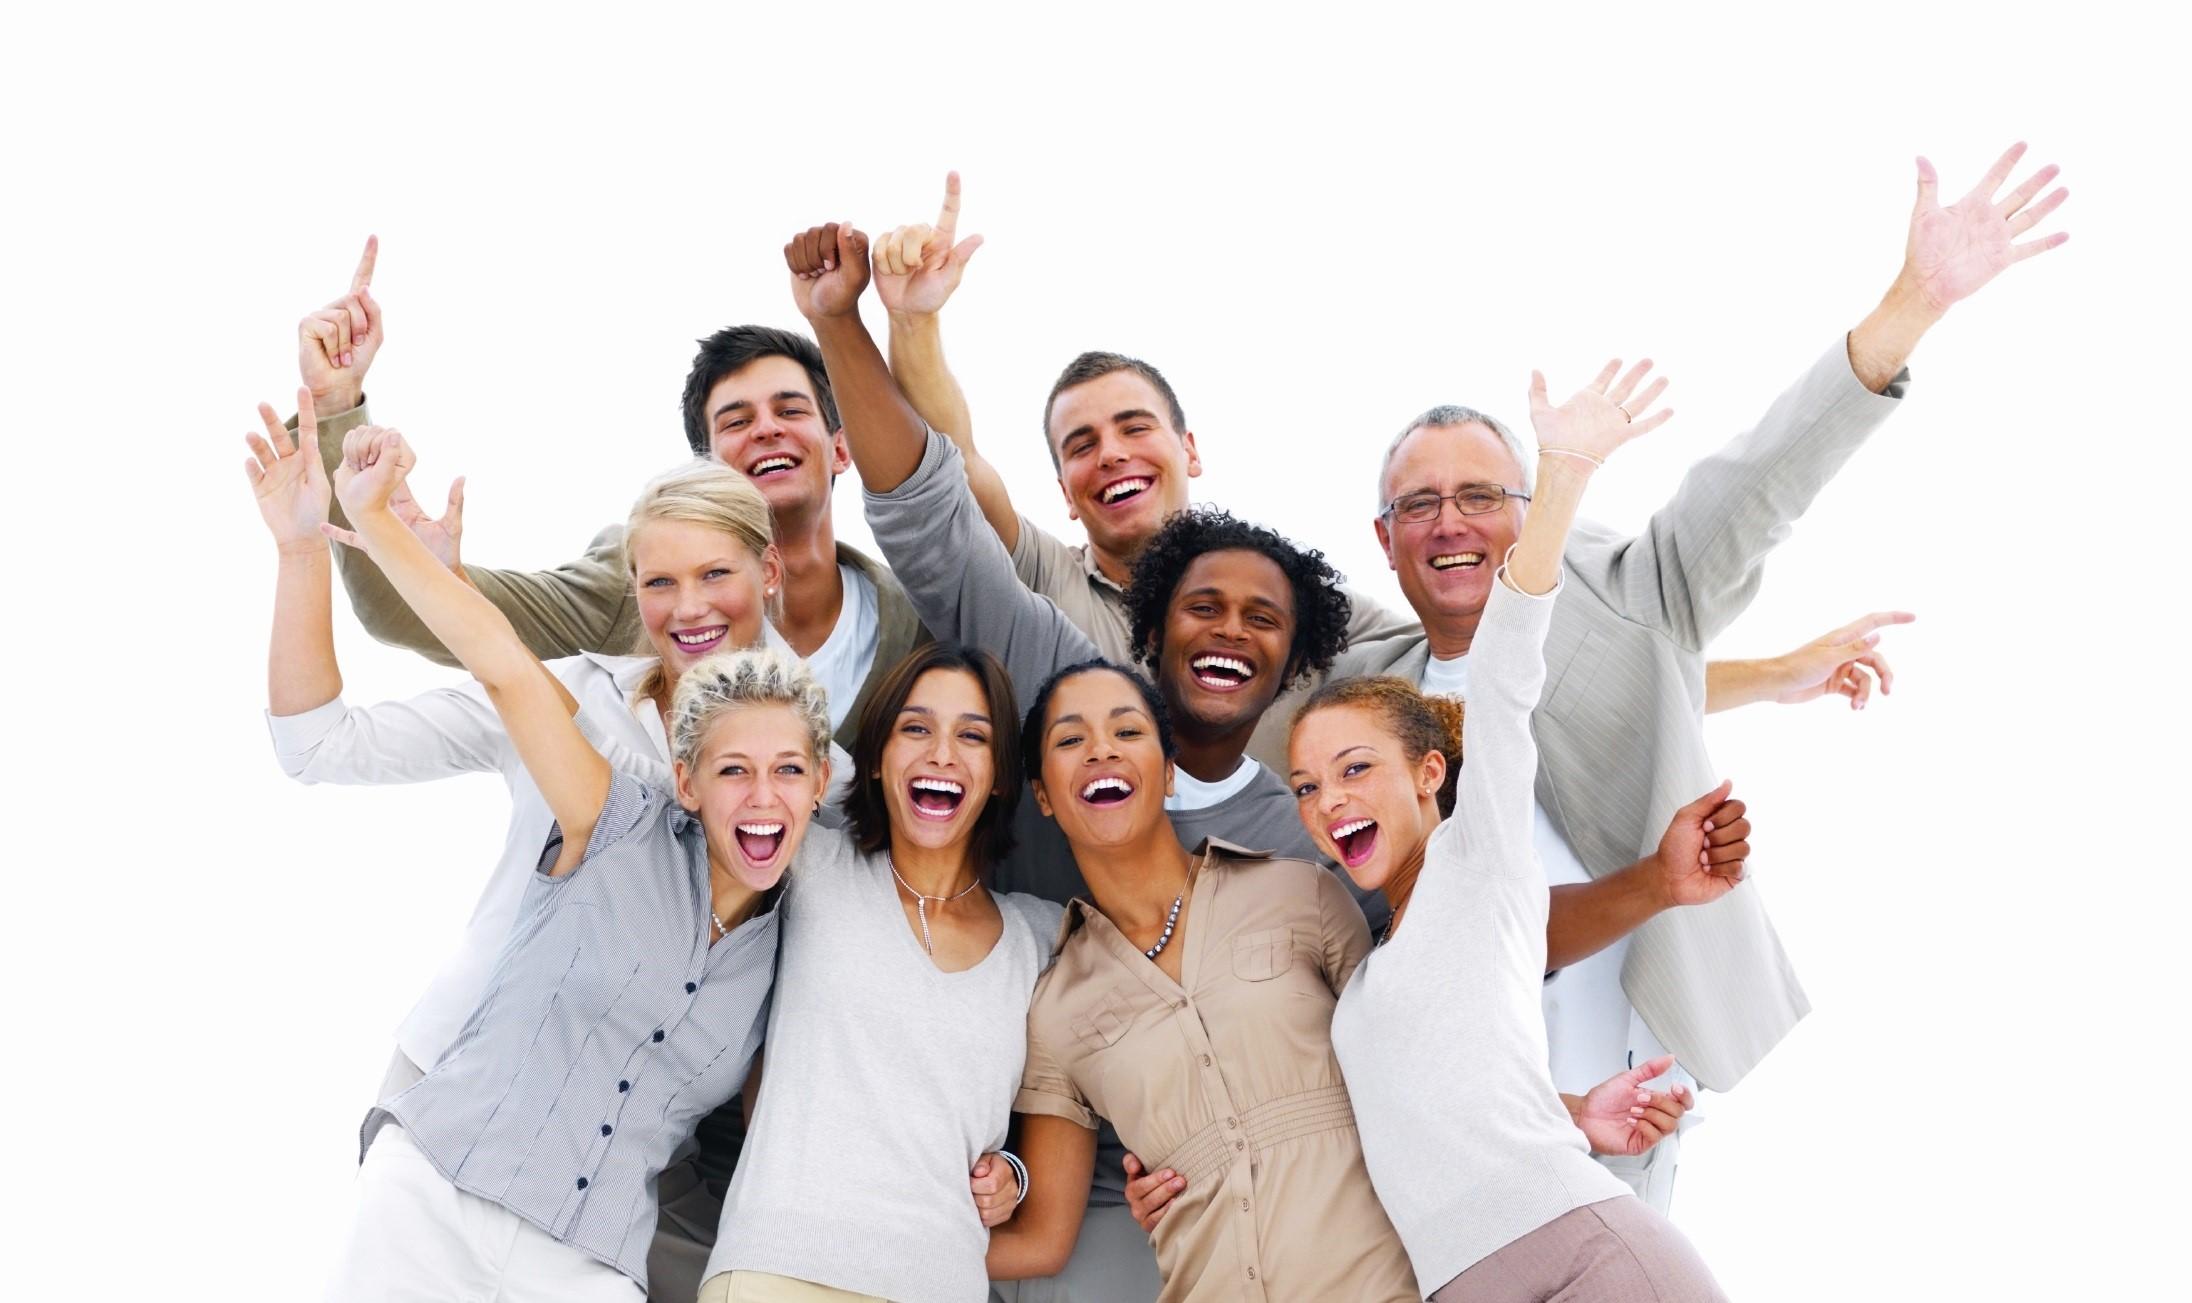 5 typów wspaniałych ludzi, których warto w życiu szukać i doceniać